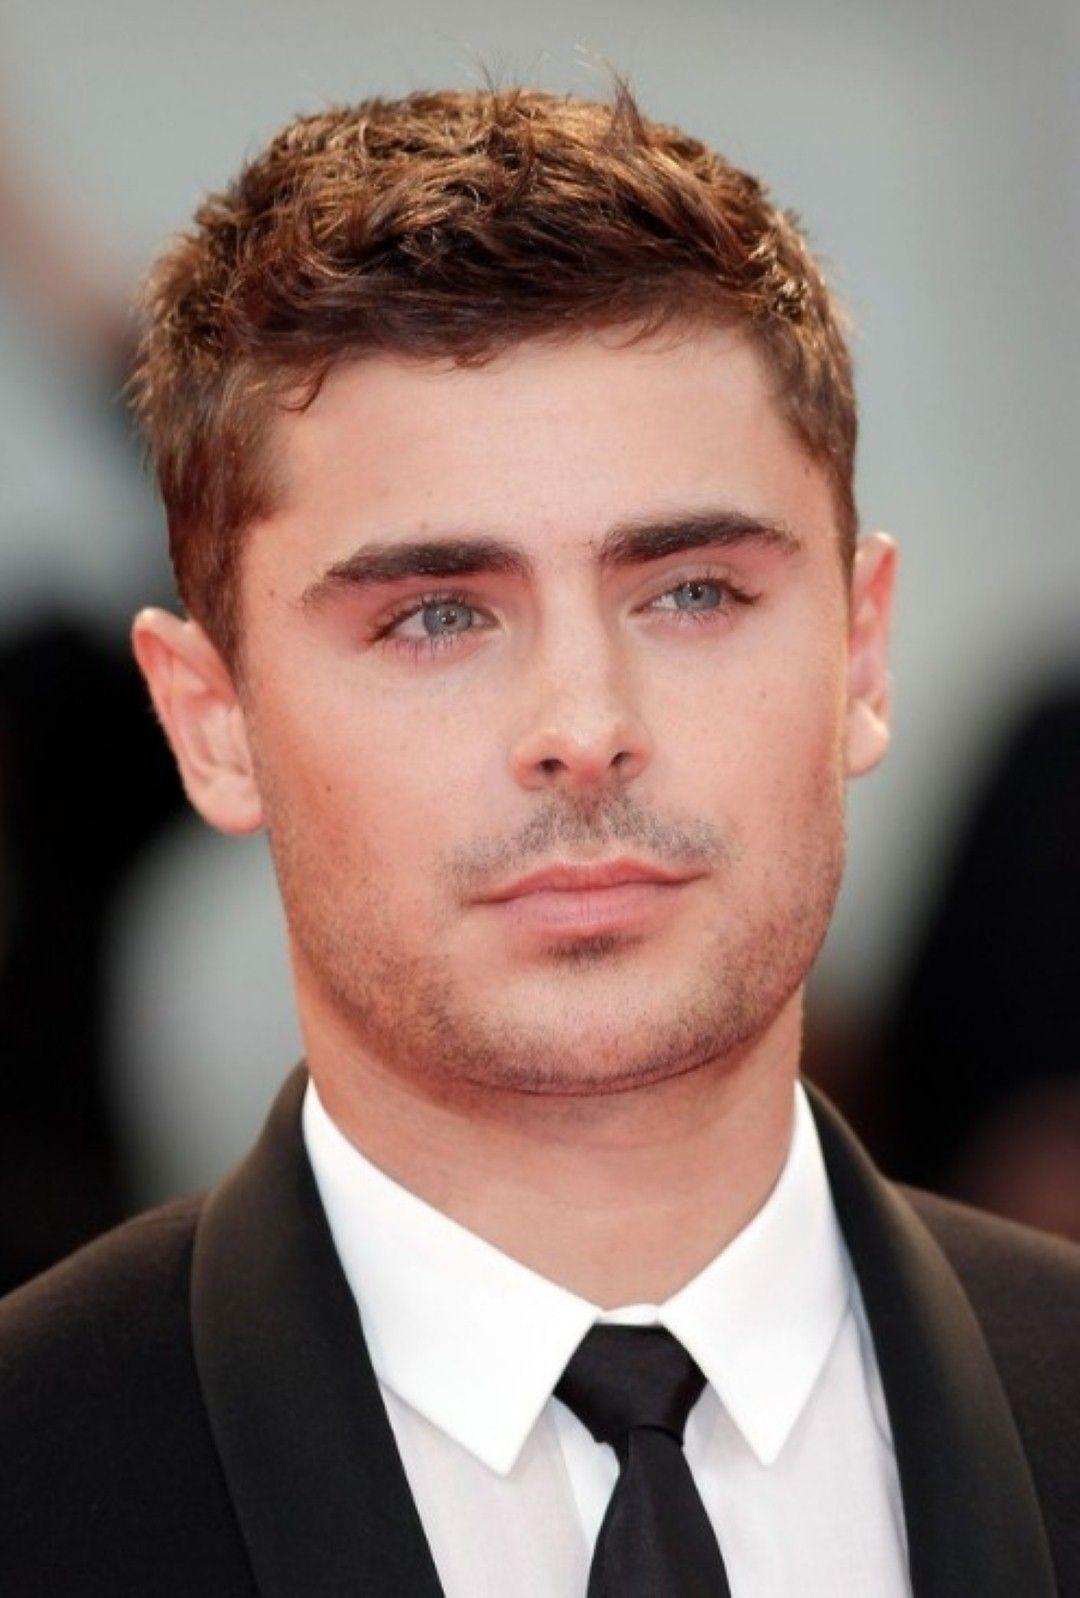 short hair styles for men | men hairstyles | pinterest | short